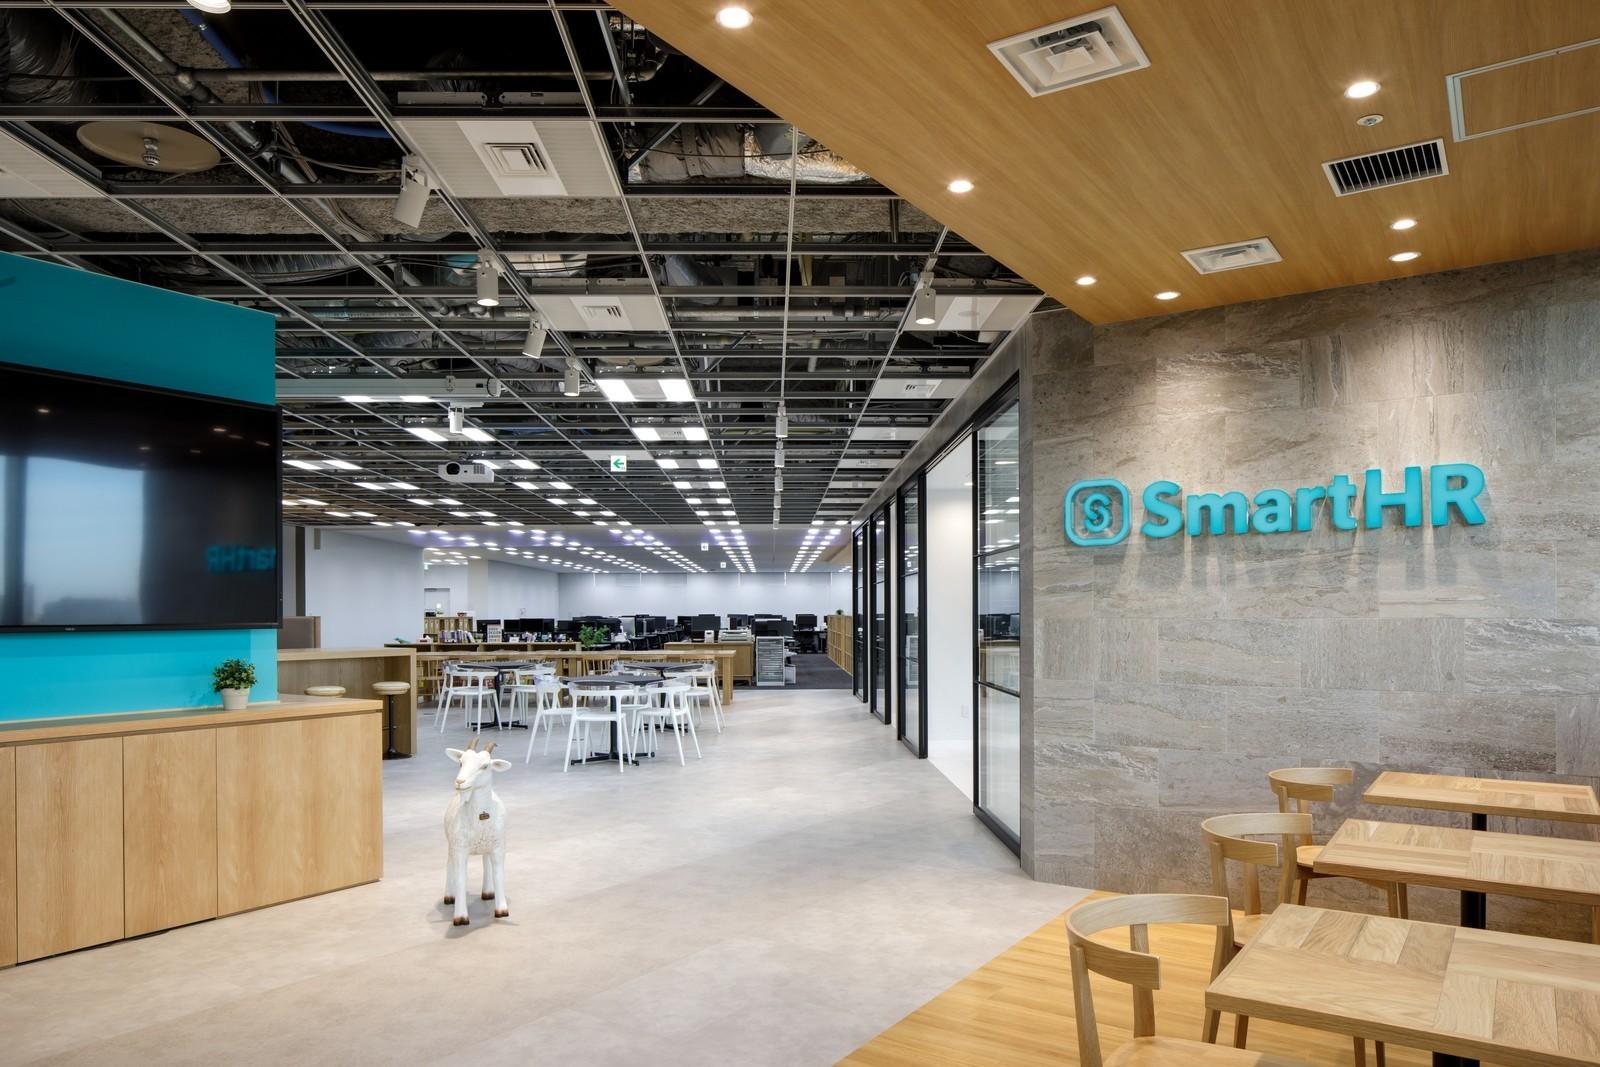 シェア No.1 のクラウド人事労務ソフト「SmartHR」を開発する Rails エンジニアを募集!